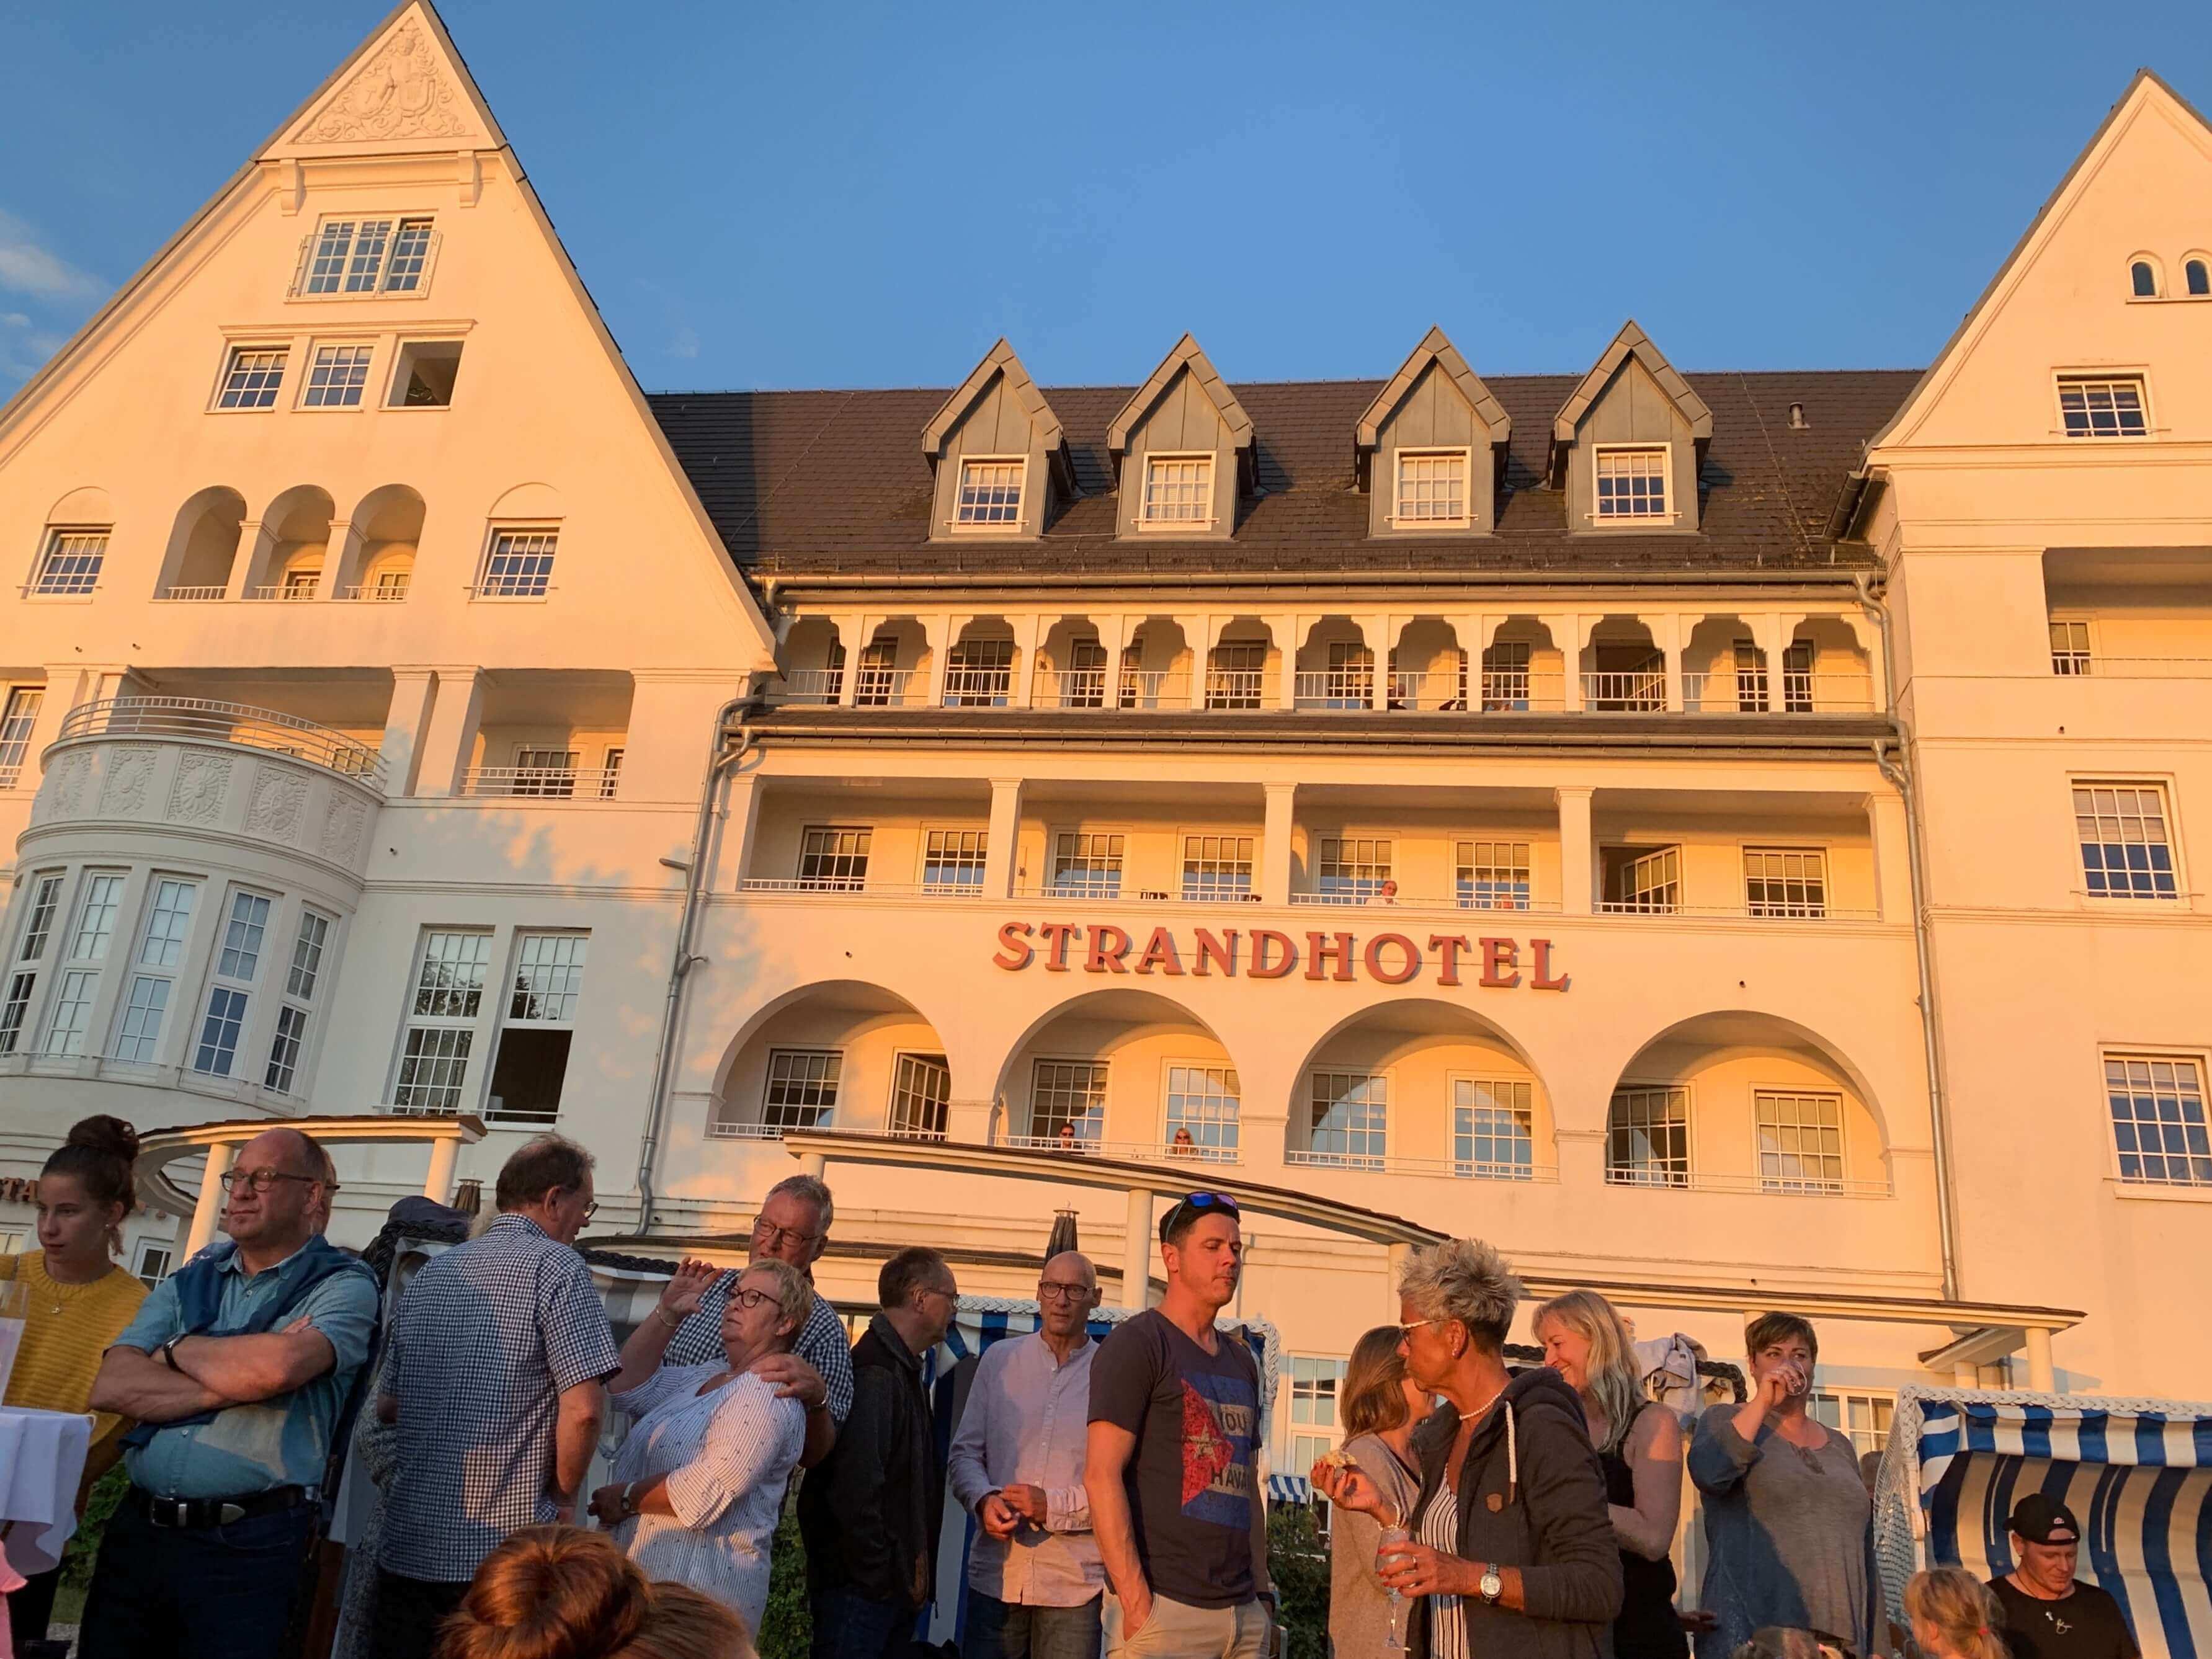 Strandhotel Göücksburg, Abenddämmerung, Live-Konzert